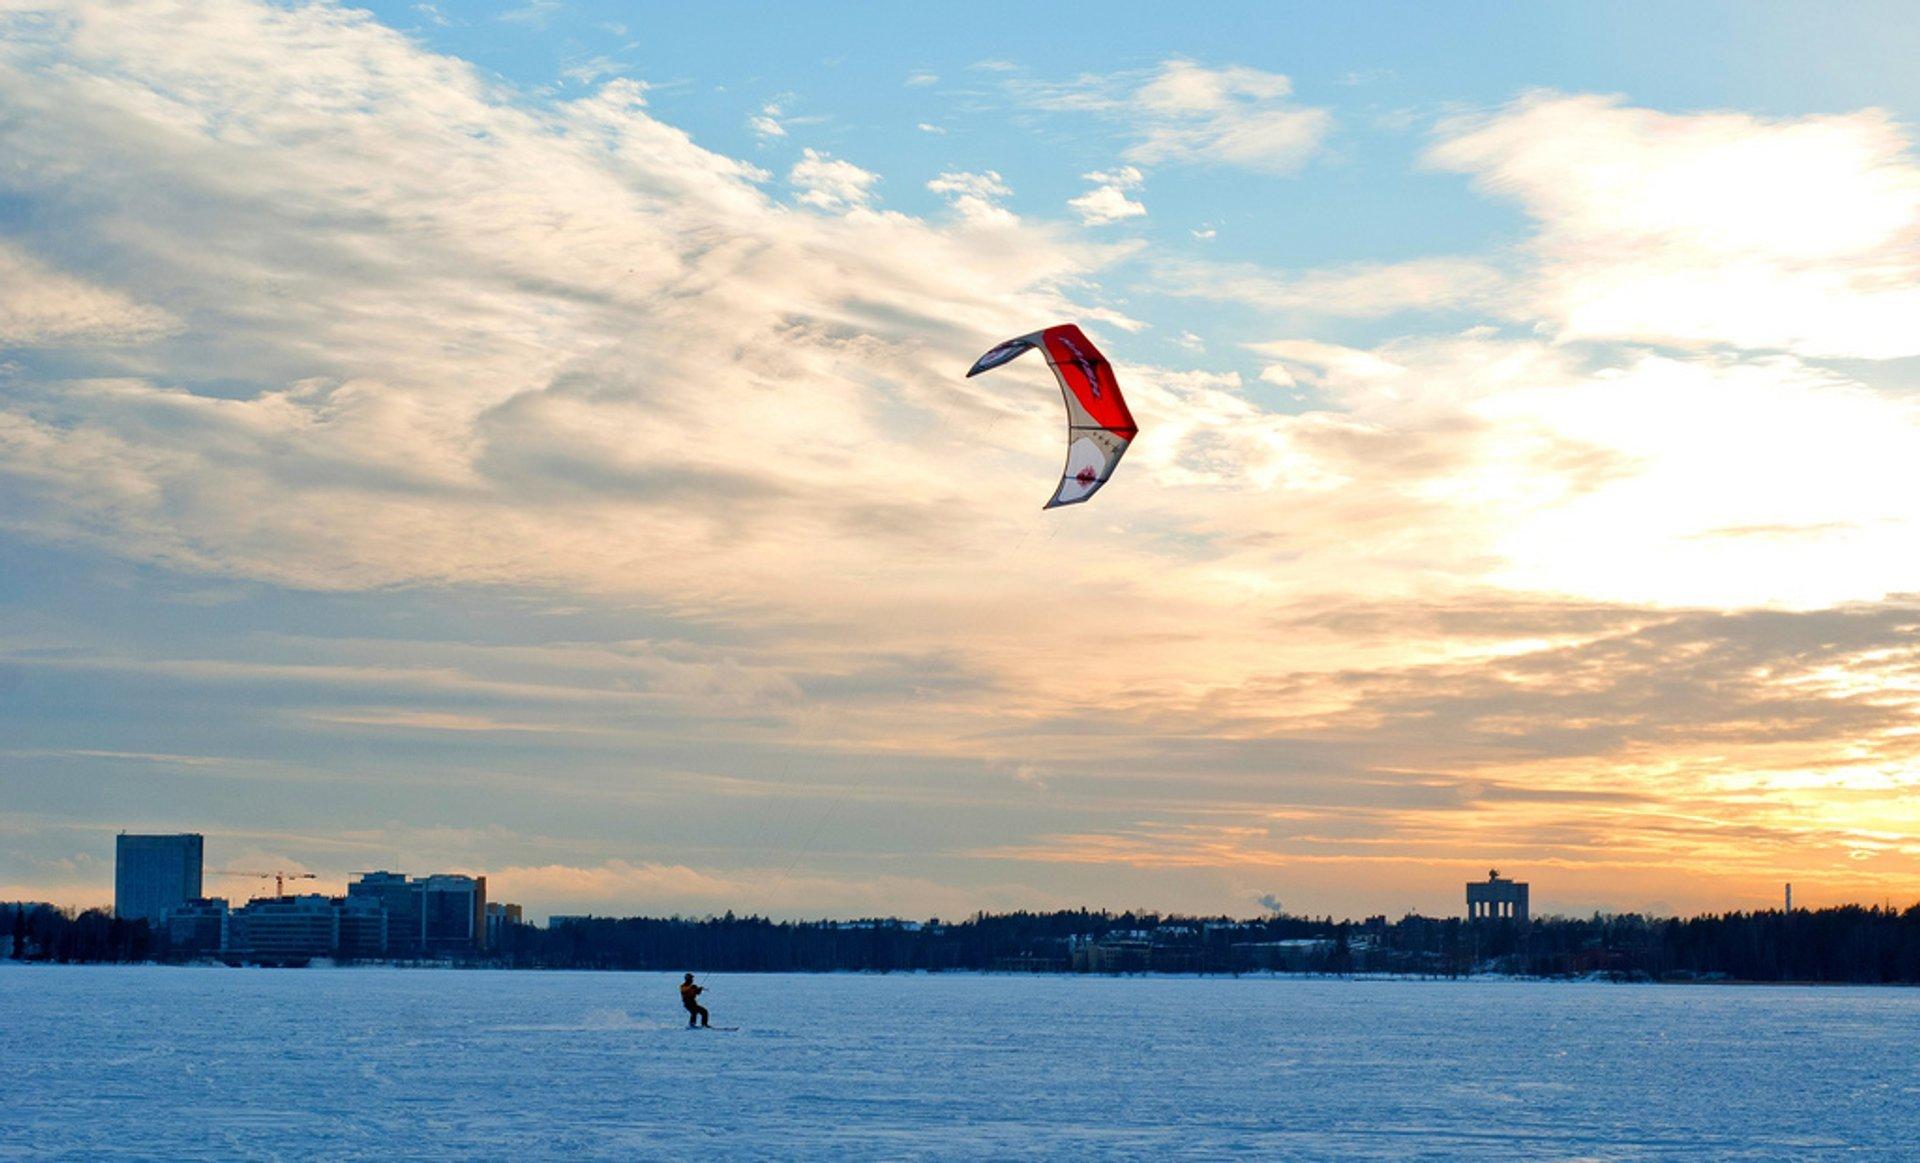 Snowkiting in Munkkiniemi 2019